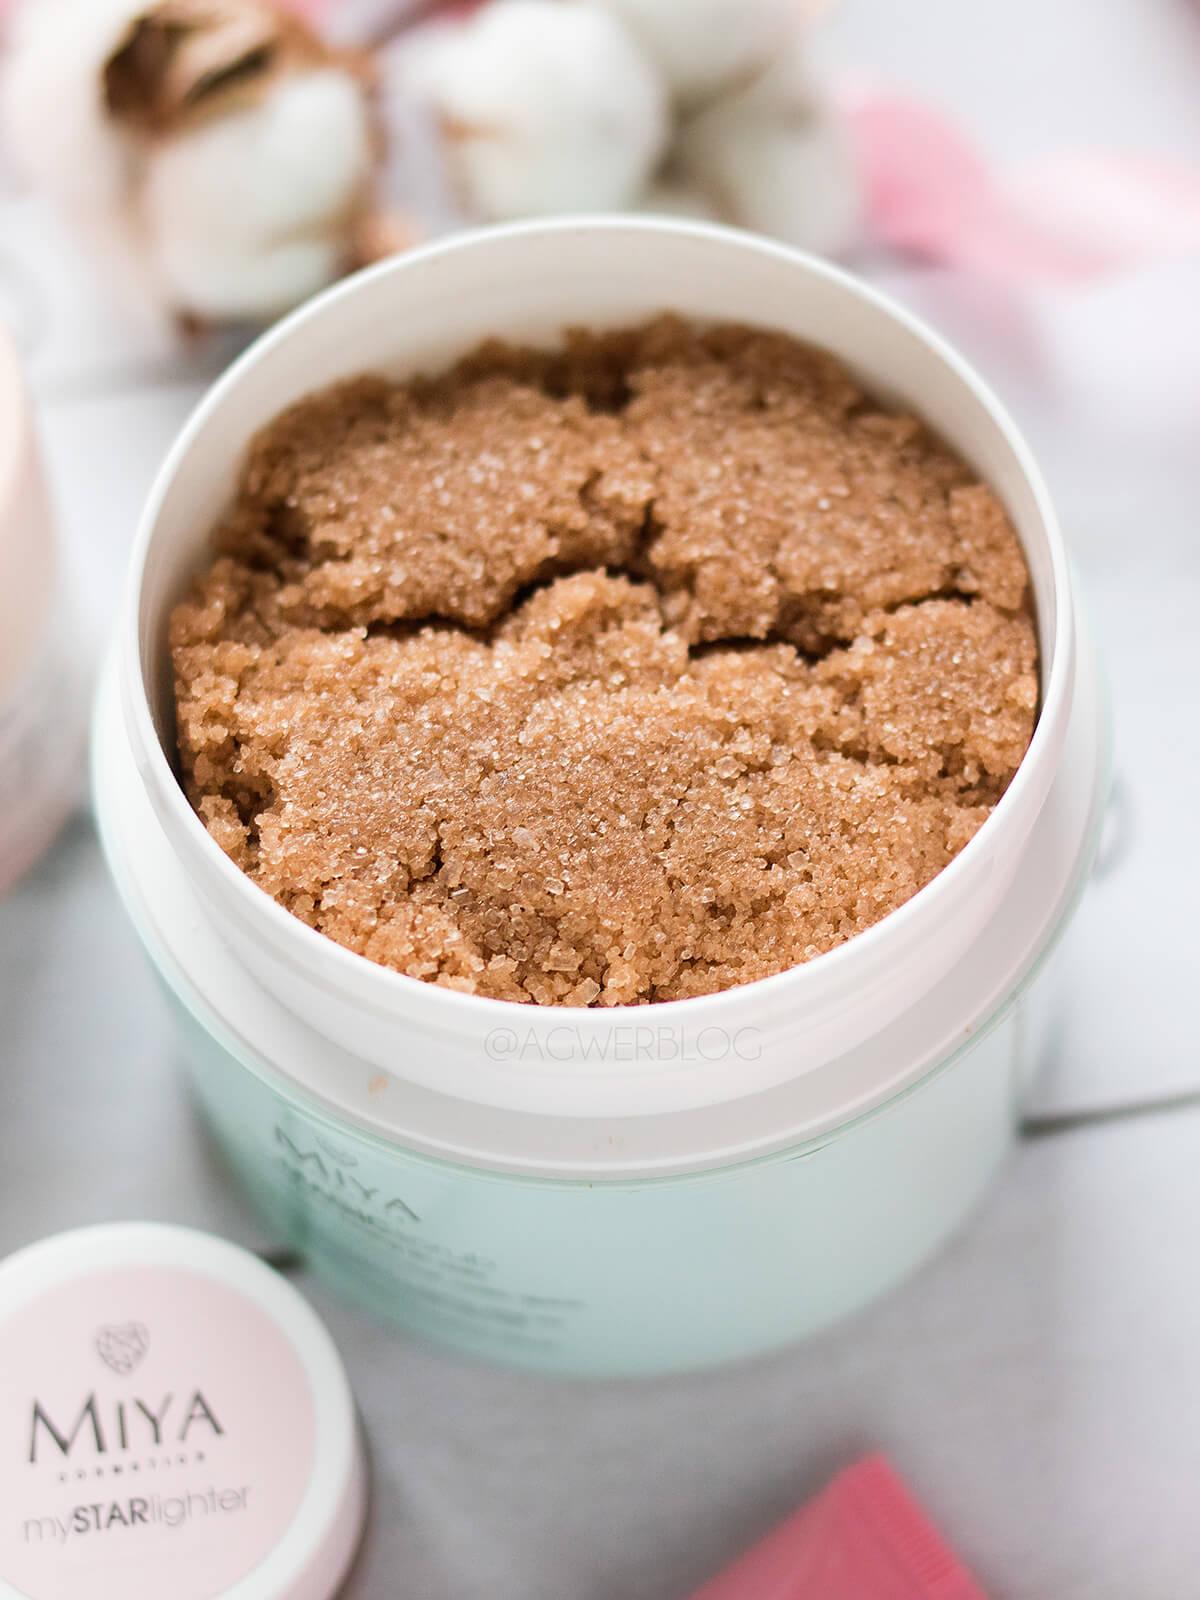 nowości MIYA Cosmetics peeling kokosowy